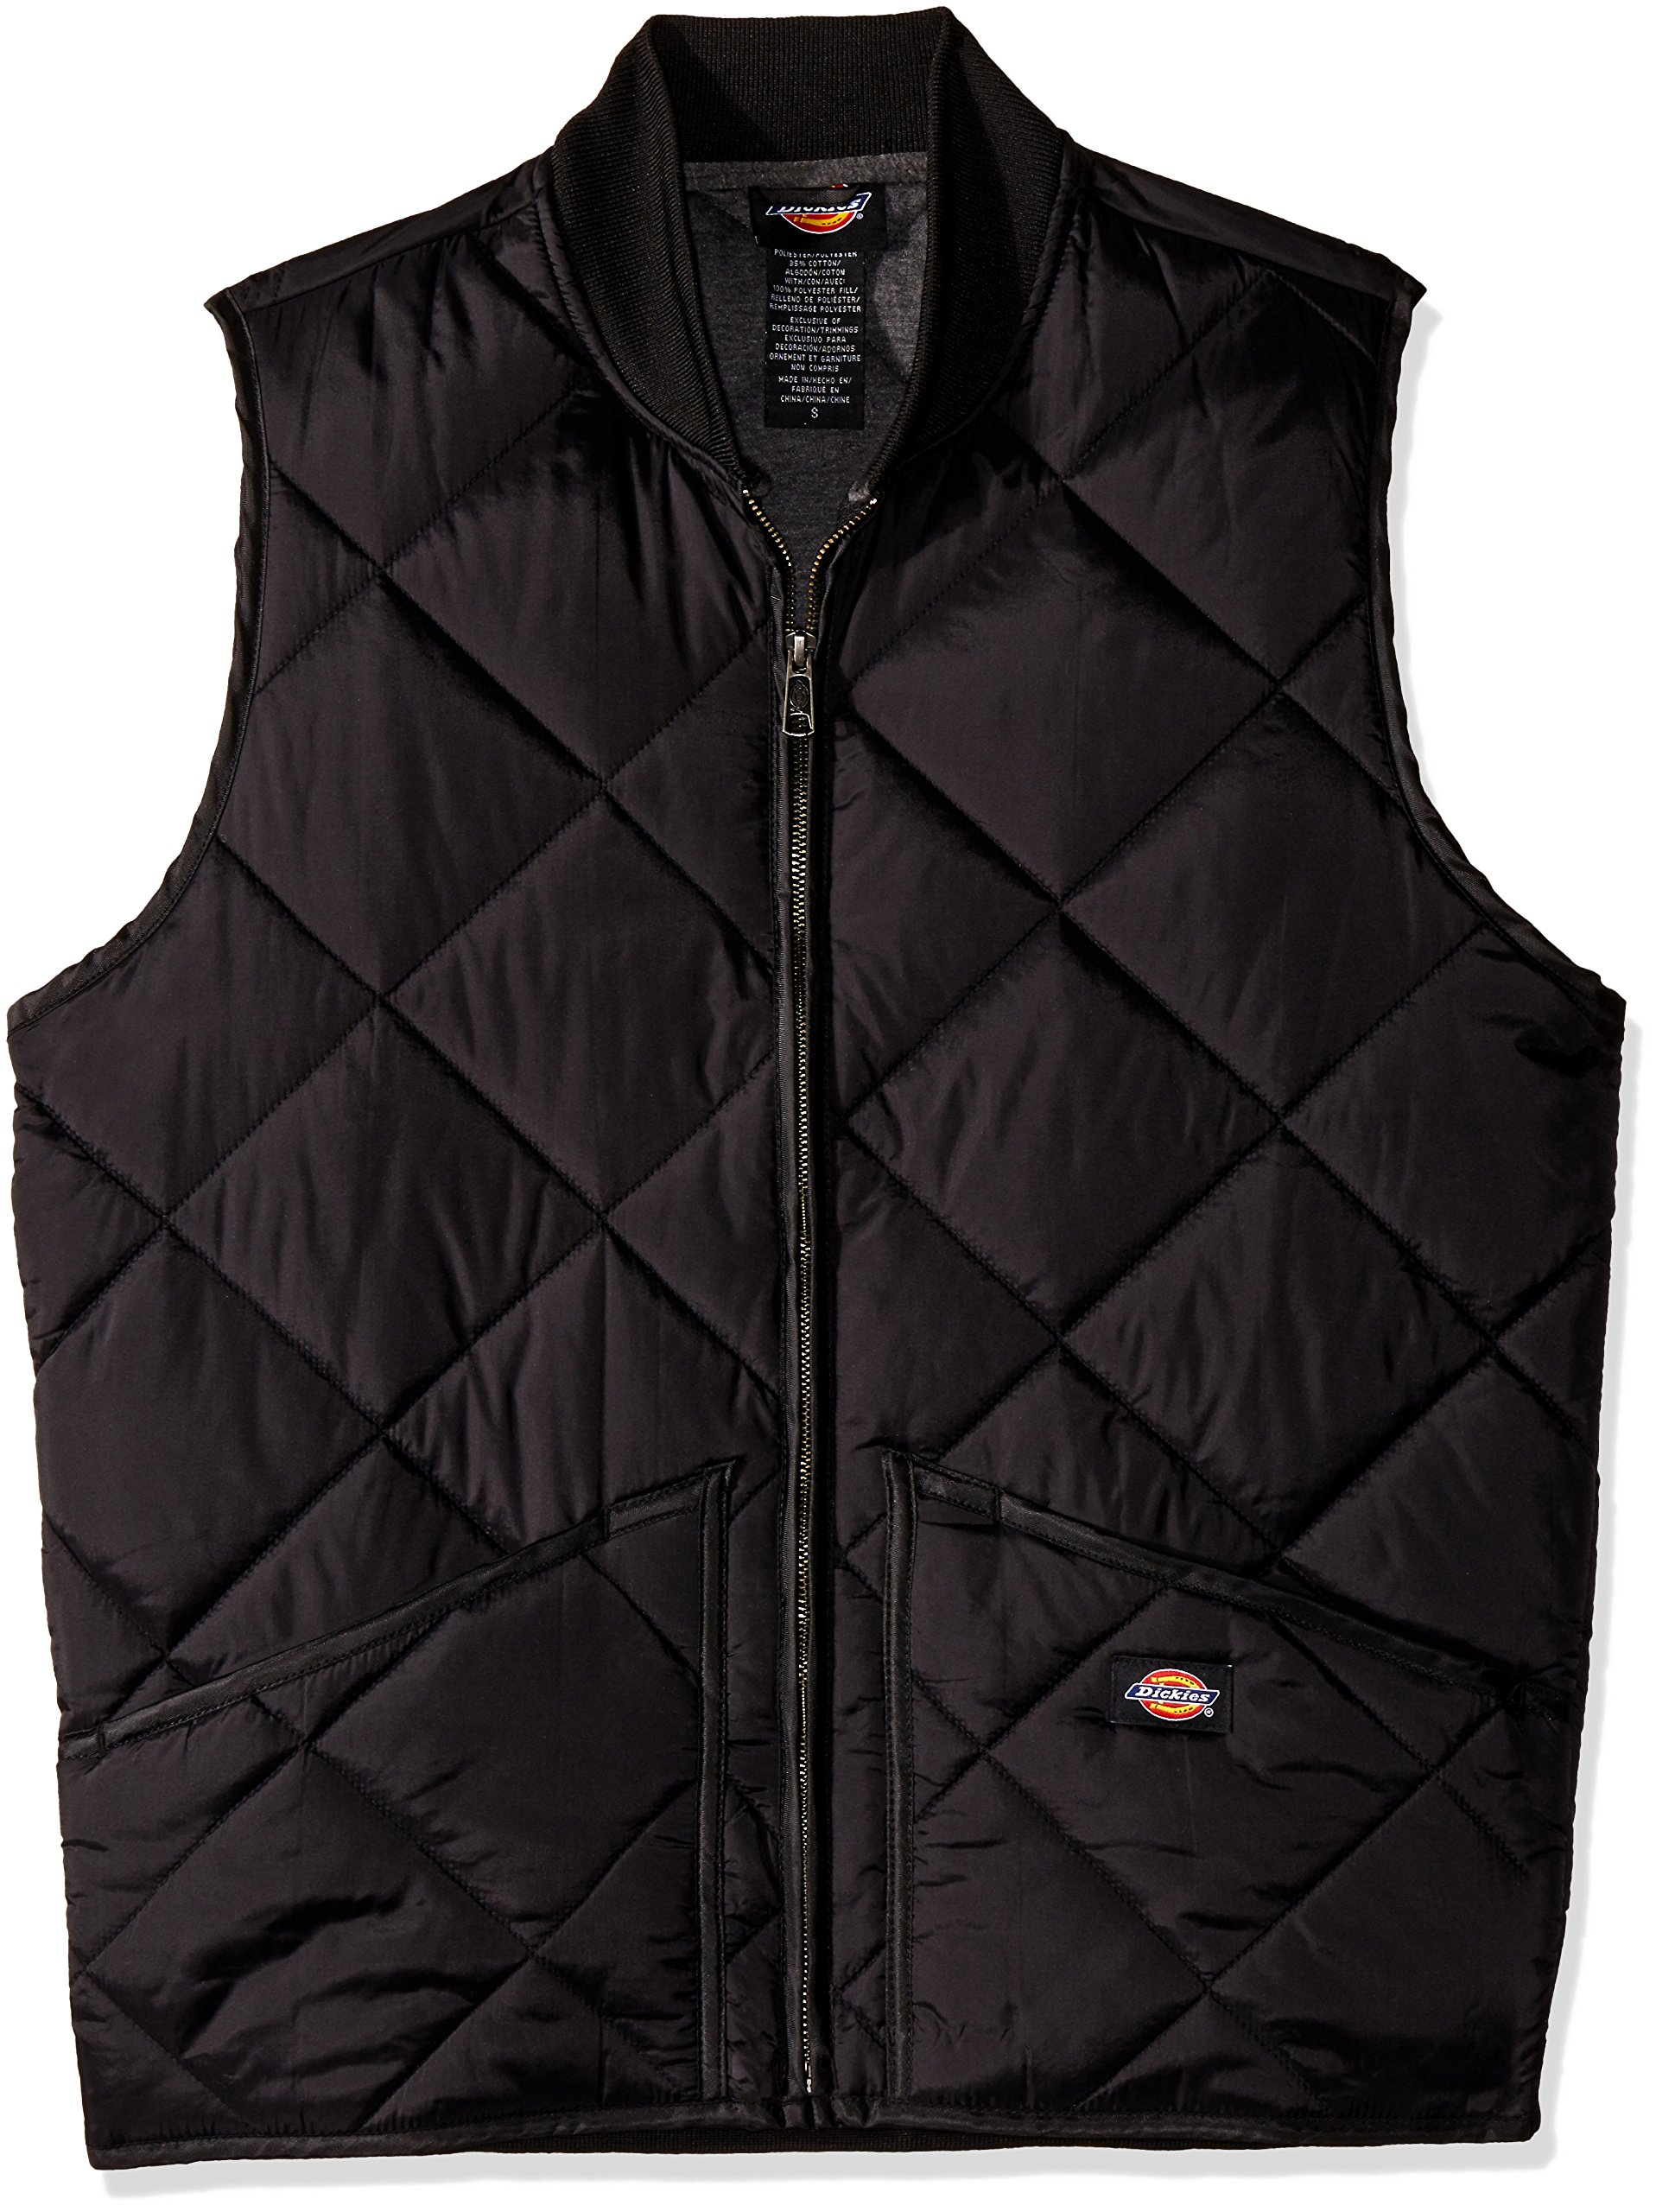 Dickies Men's Diamond Quilted Water Resistant Vest, Black, S by Dickies